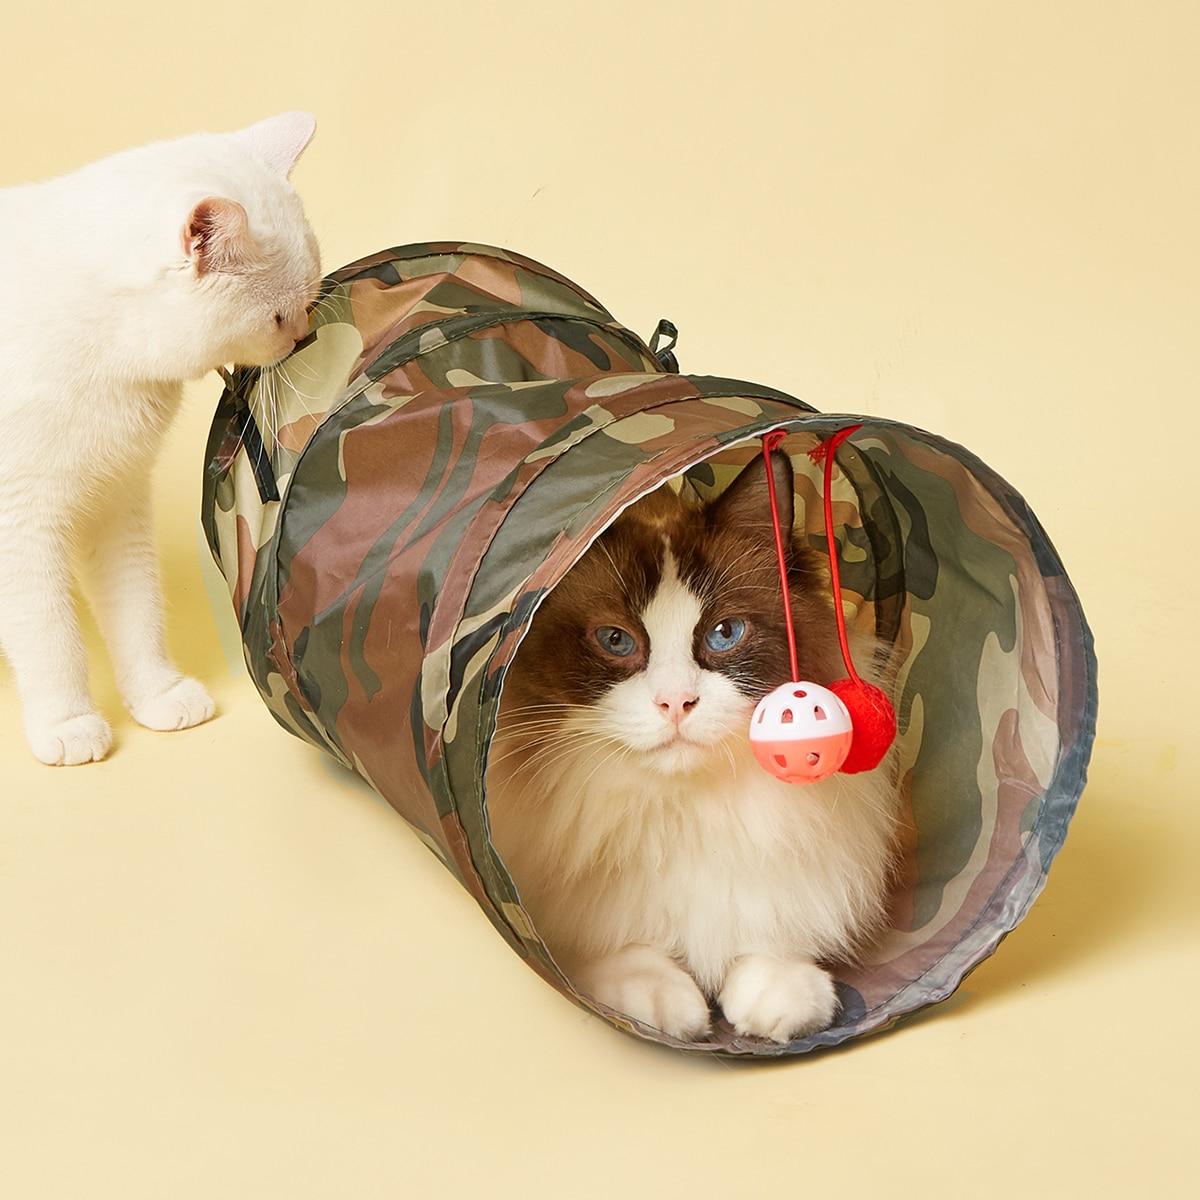 Katzentunnel-Spielzeug mit Camo Muster